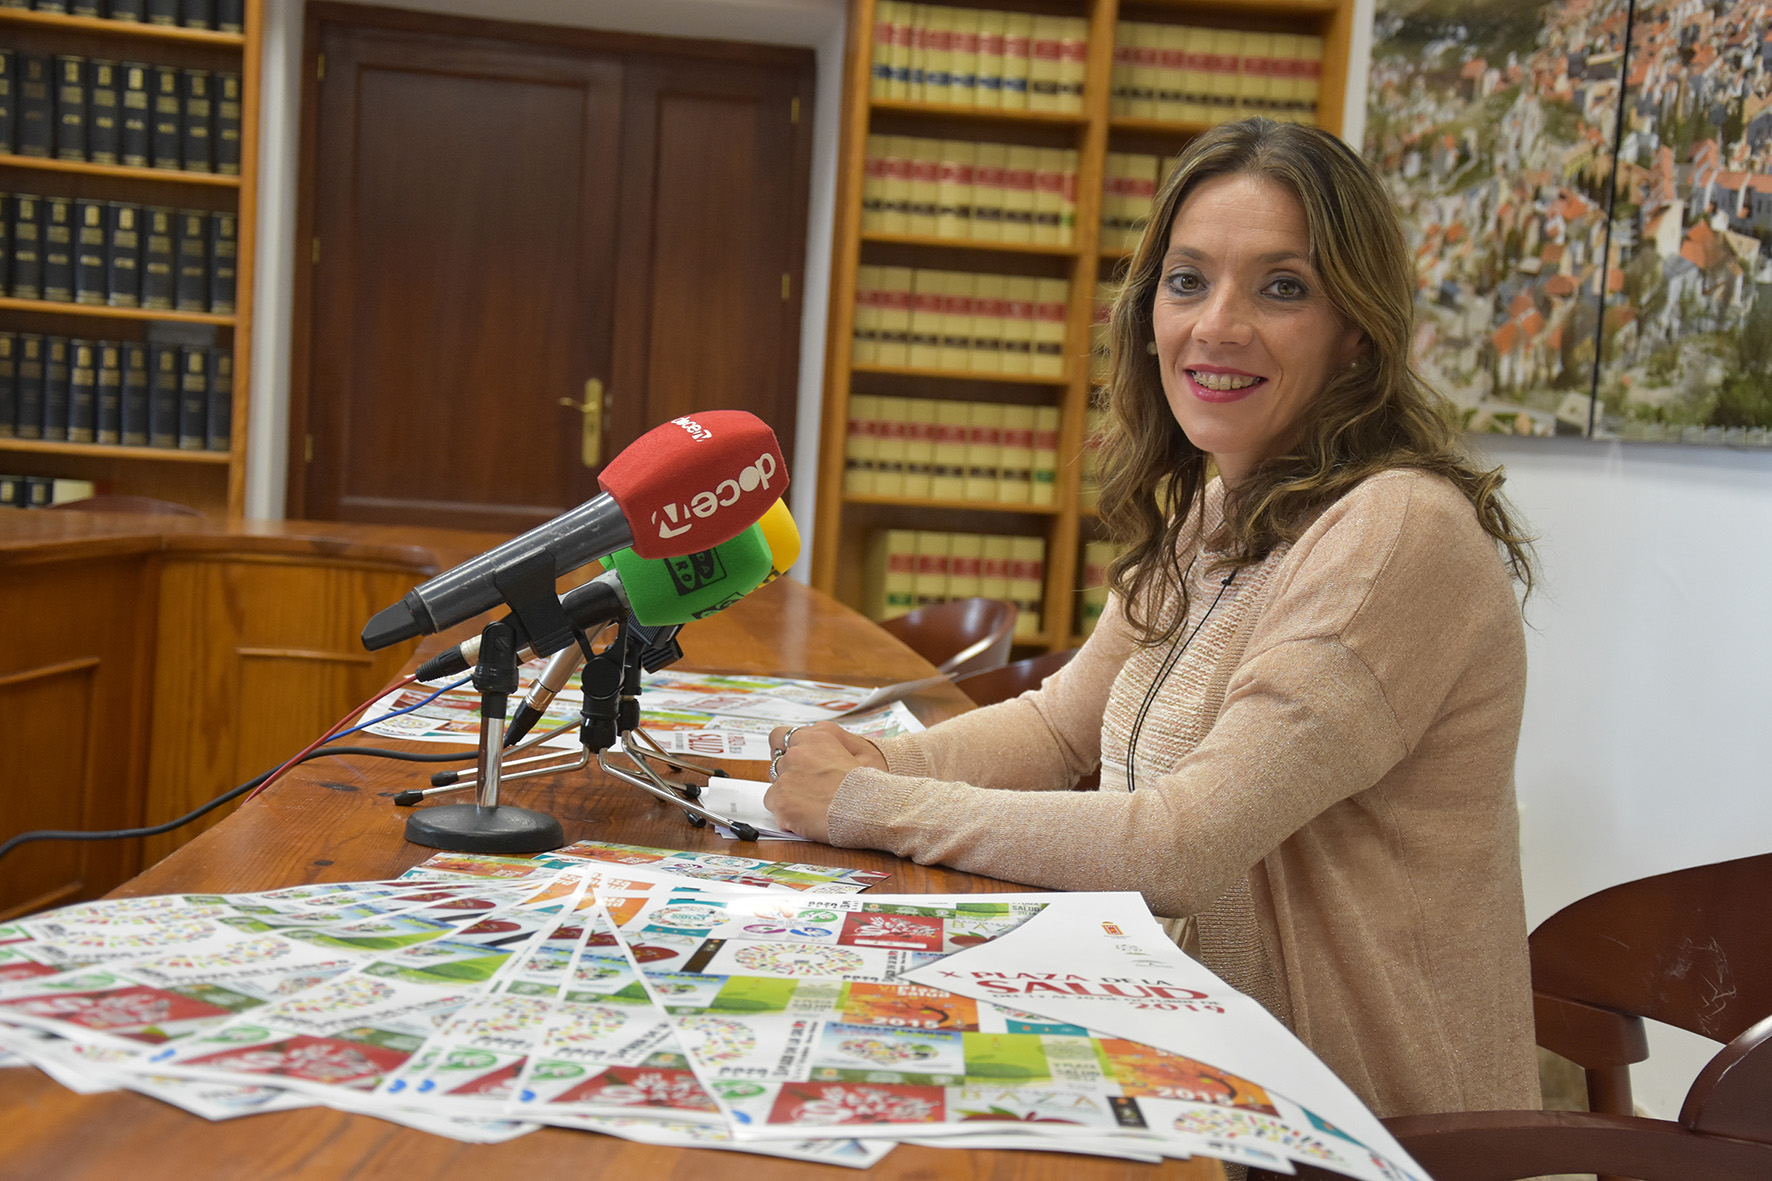 La concejala de Igualdad y Bienestar Social, Mariana Palma, de Baza